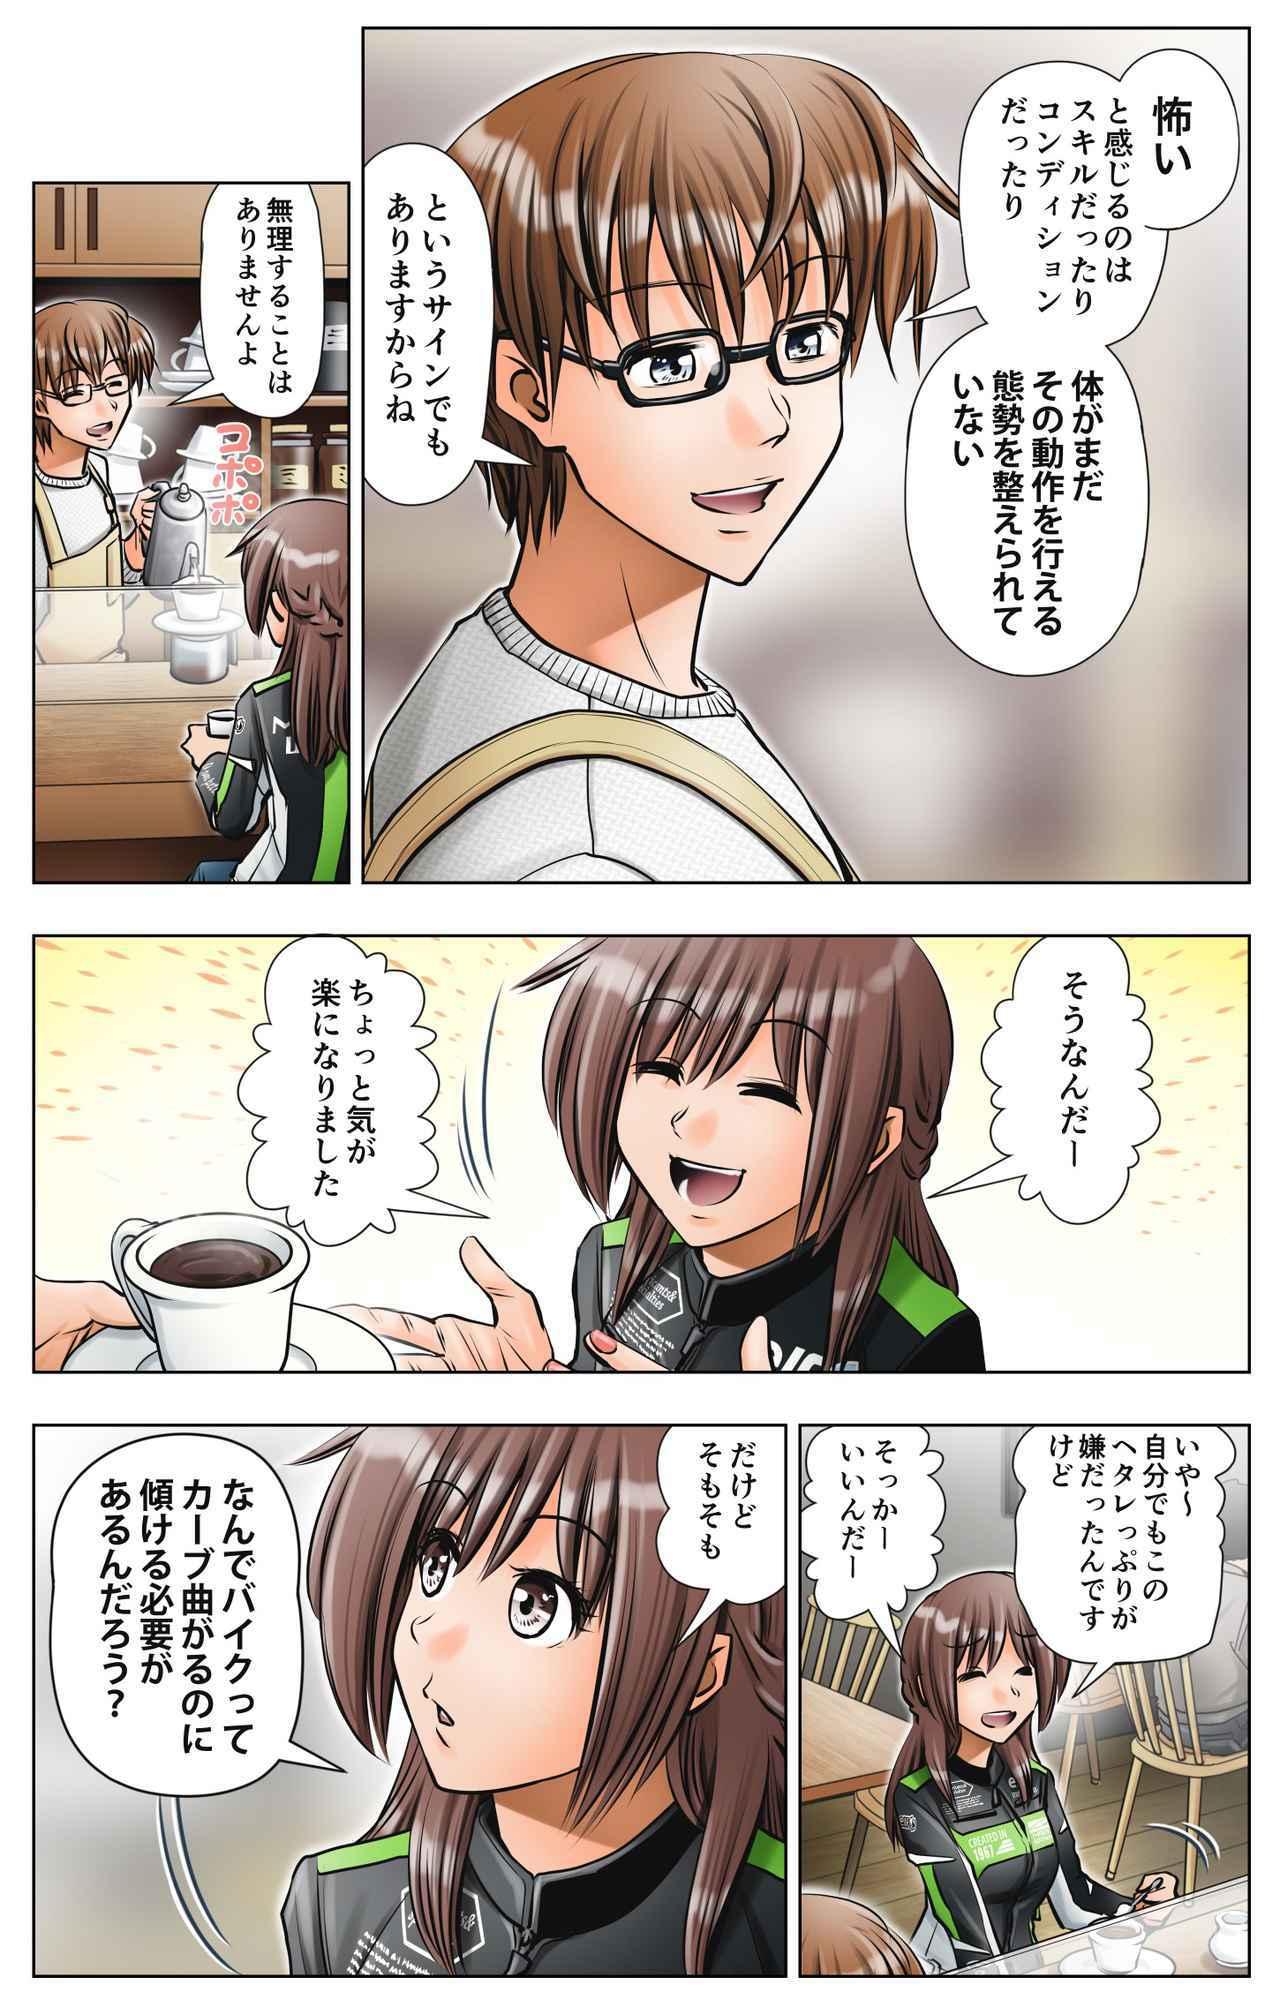 画像4: 第4話 バイクが傾いて曲がる理由/ゆる~くライテク談義『モトシーカーズ・カフェへようこそ!』